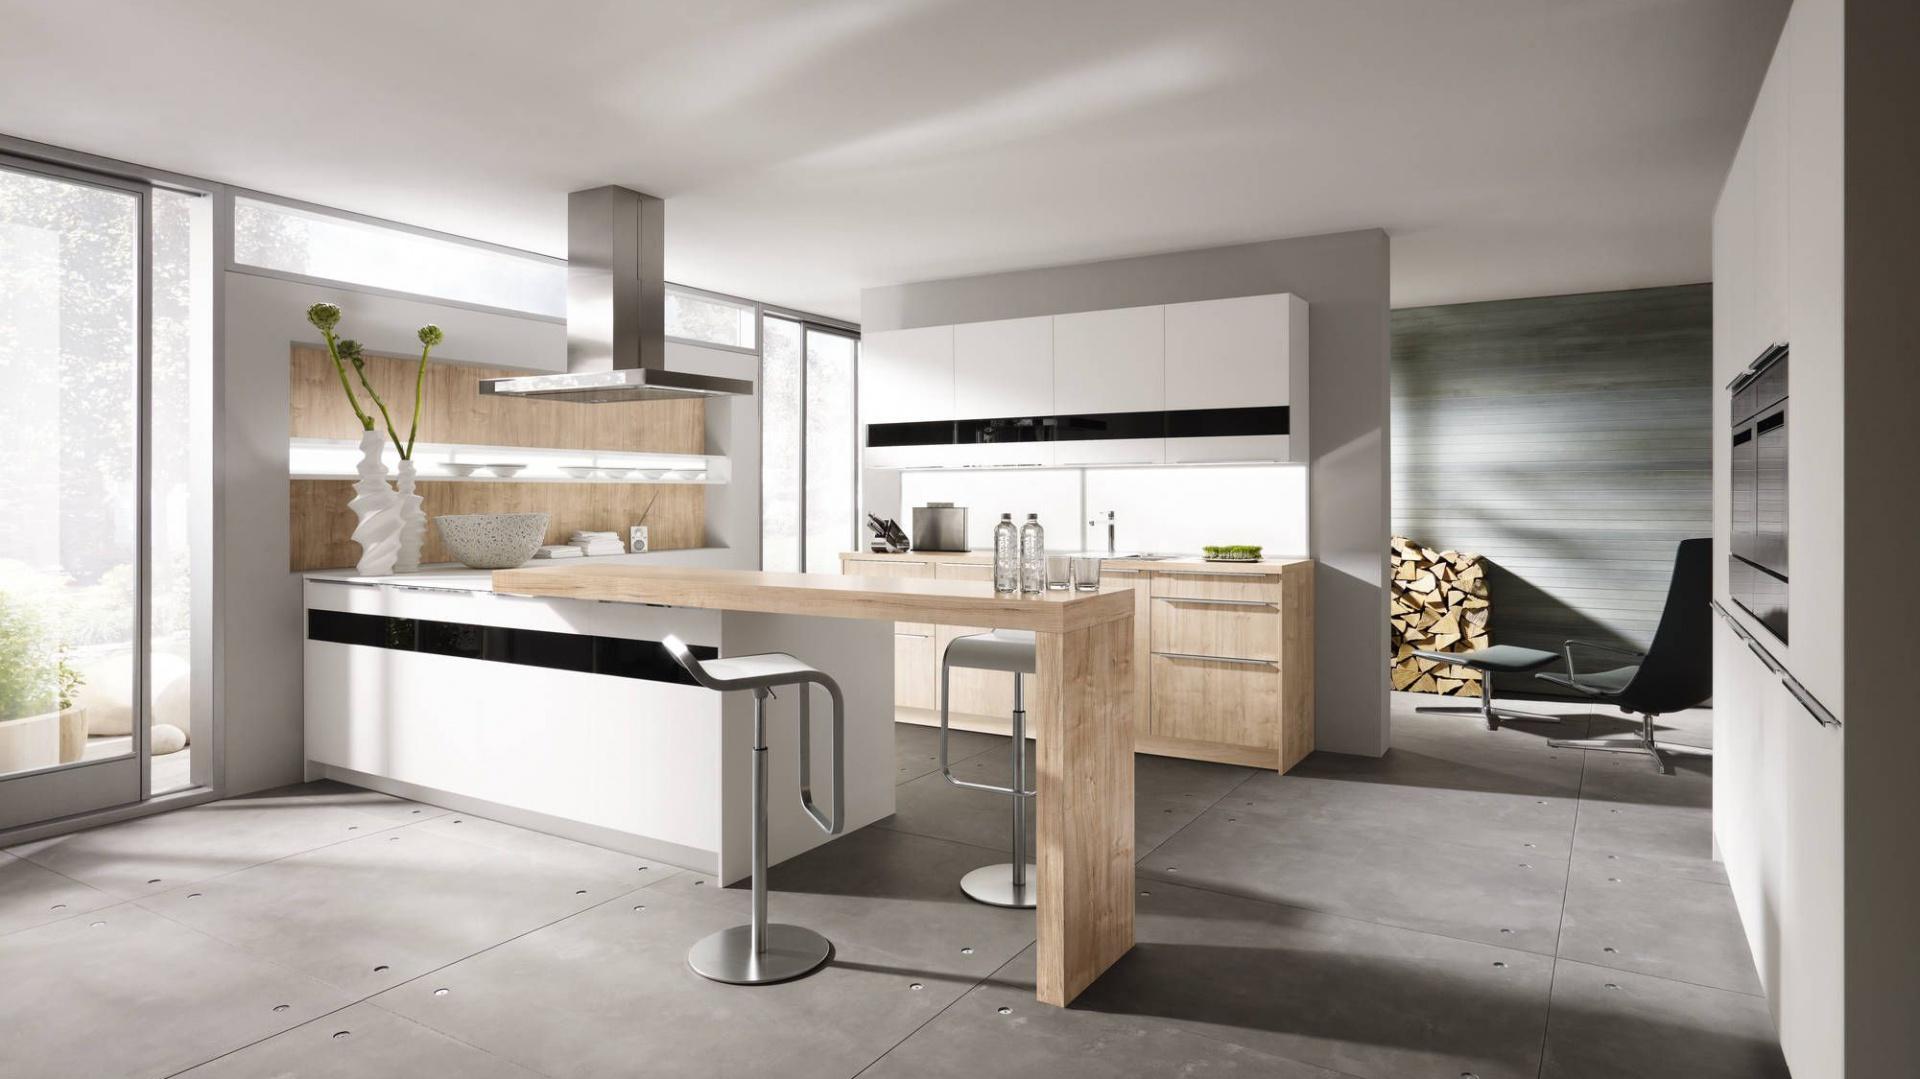 Nowoczesna kuchnia, w Biała kuchnia ocieplona drewnem  Strona 9 -> Kuchnia Nowoczesna Czarna Z Drewnem